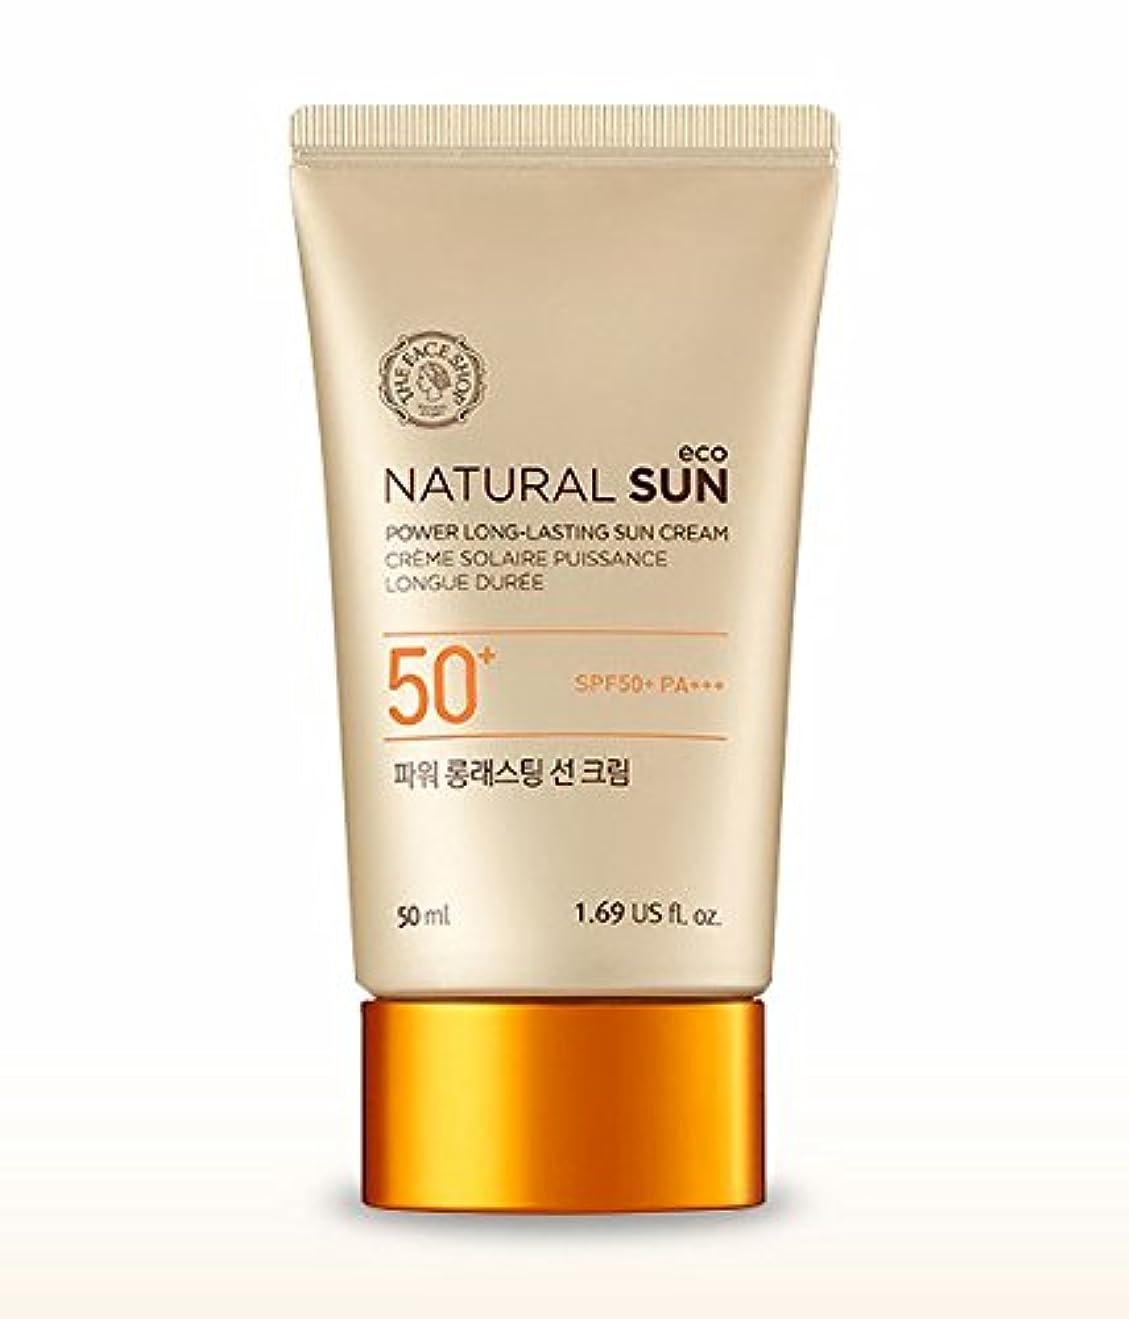 世論調査アンビエントお酢THE FACE SHOP Natural Sun Eco Power Long Lasting Sun Cream 50mlザフェイスショップ ナチュラルサンパワーロングラスティングサンクリーム [並行輸入品]